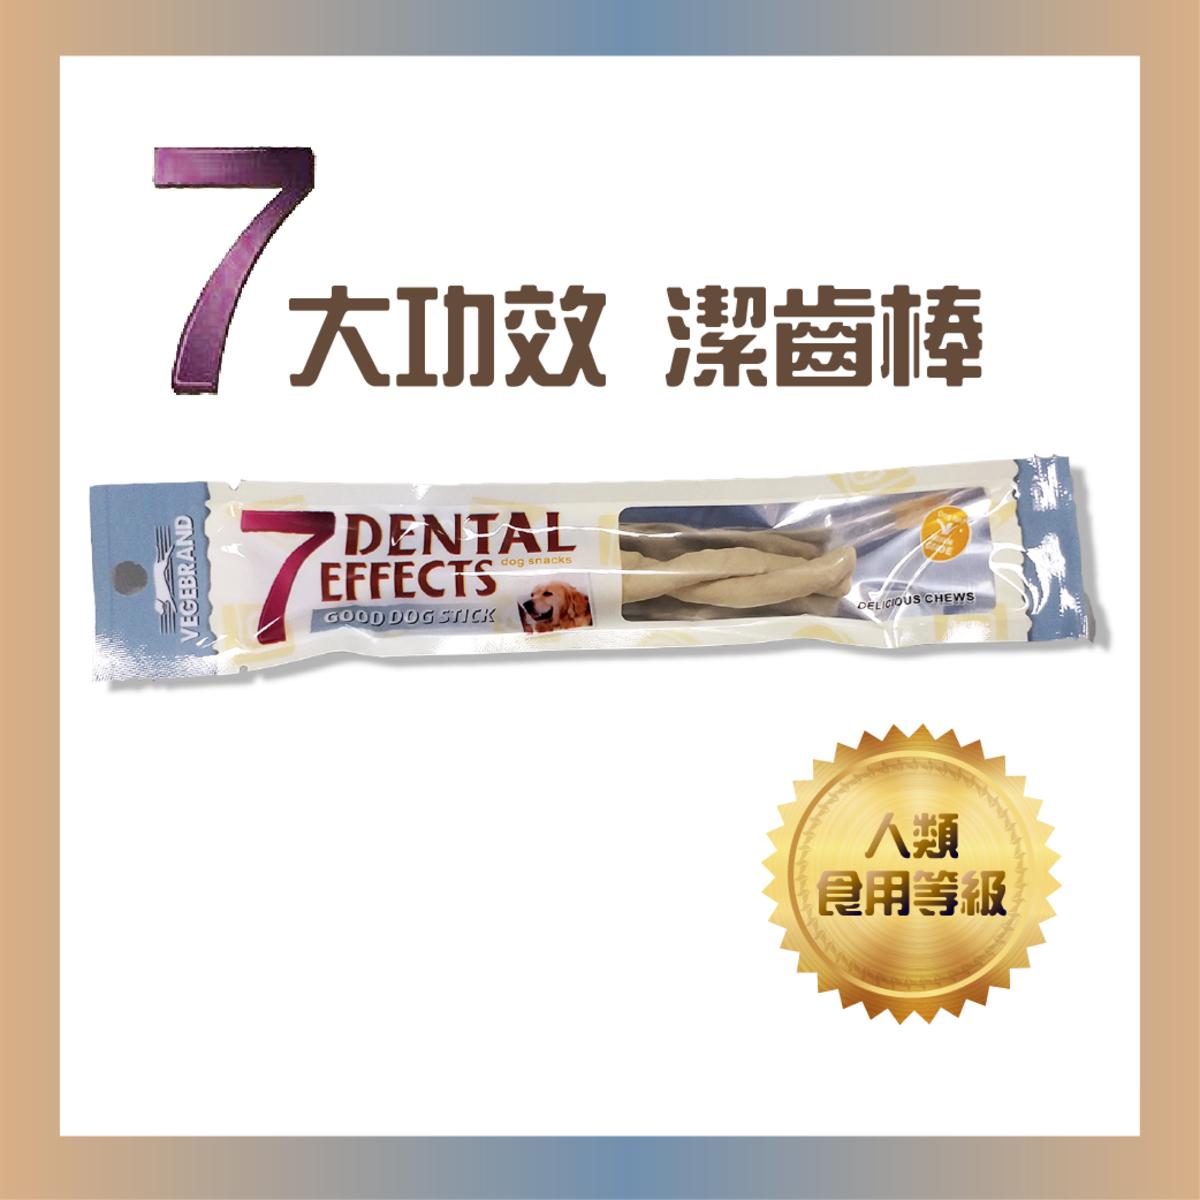 7重高效潔齒棒 (牛奶三文魚棒) (VBD-1041)